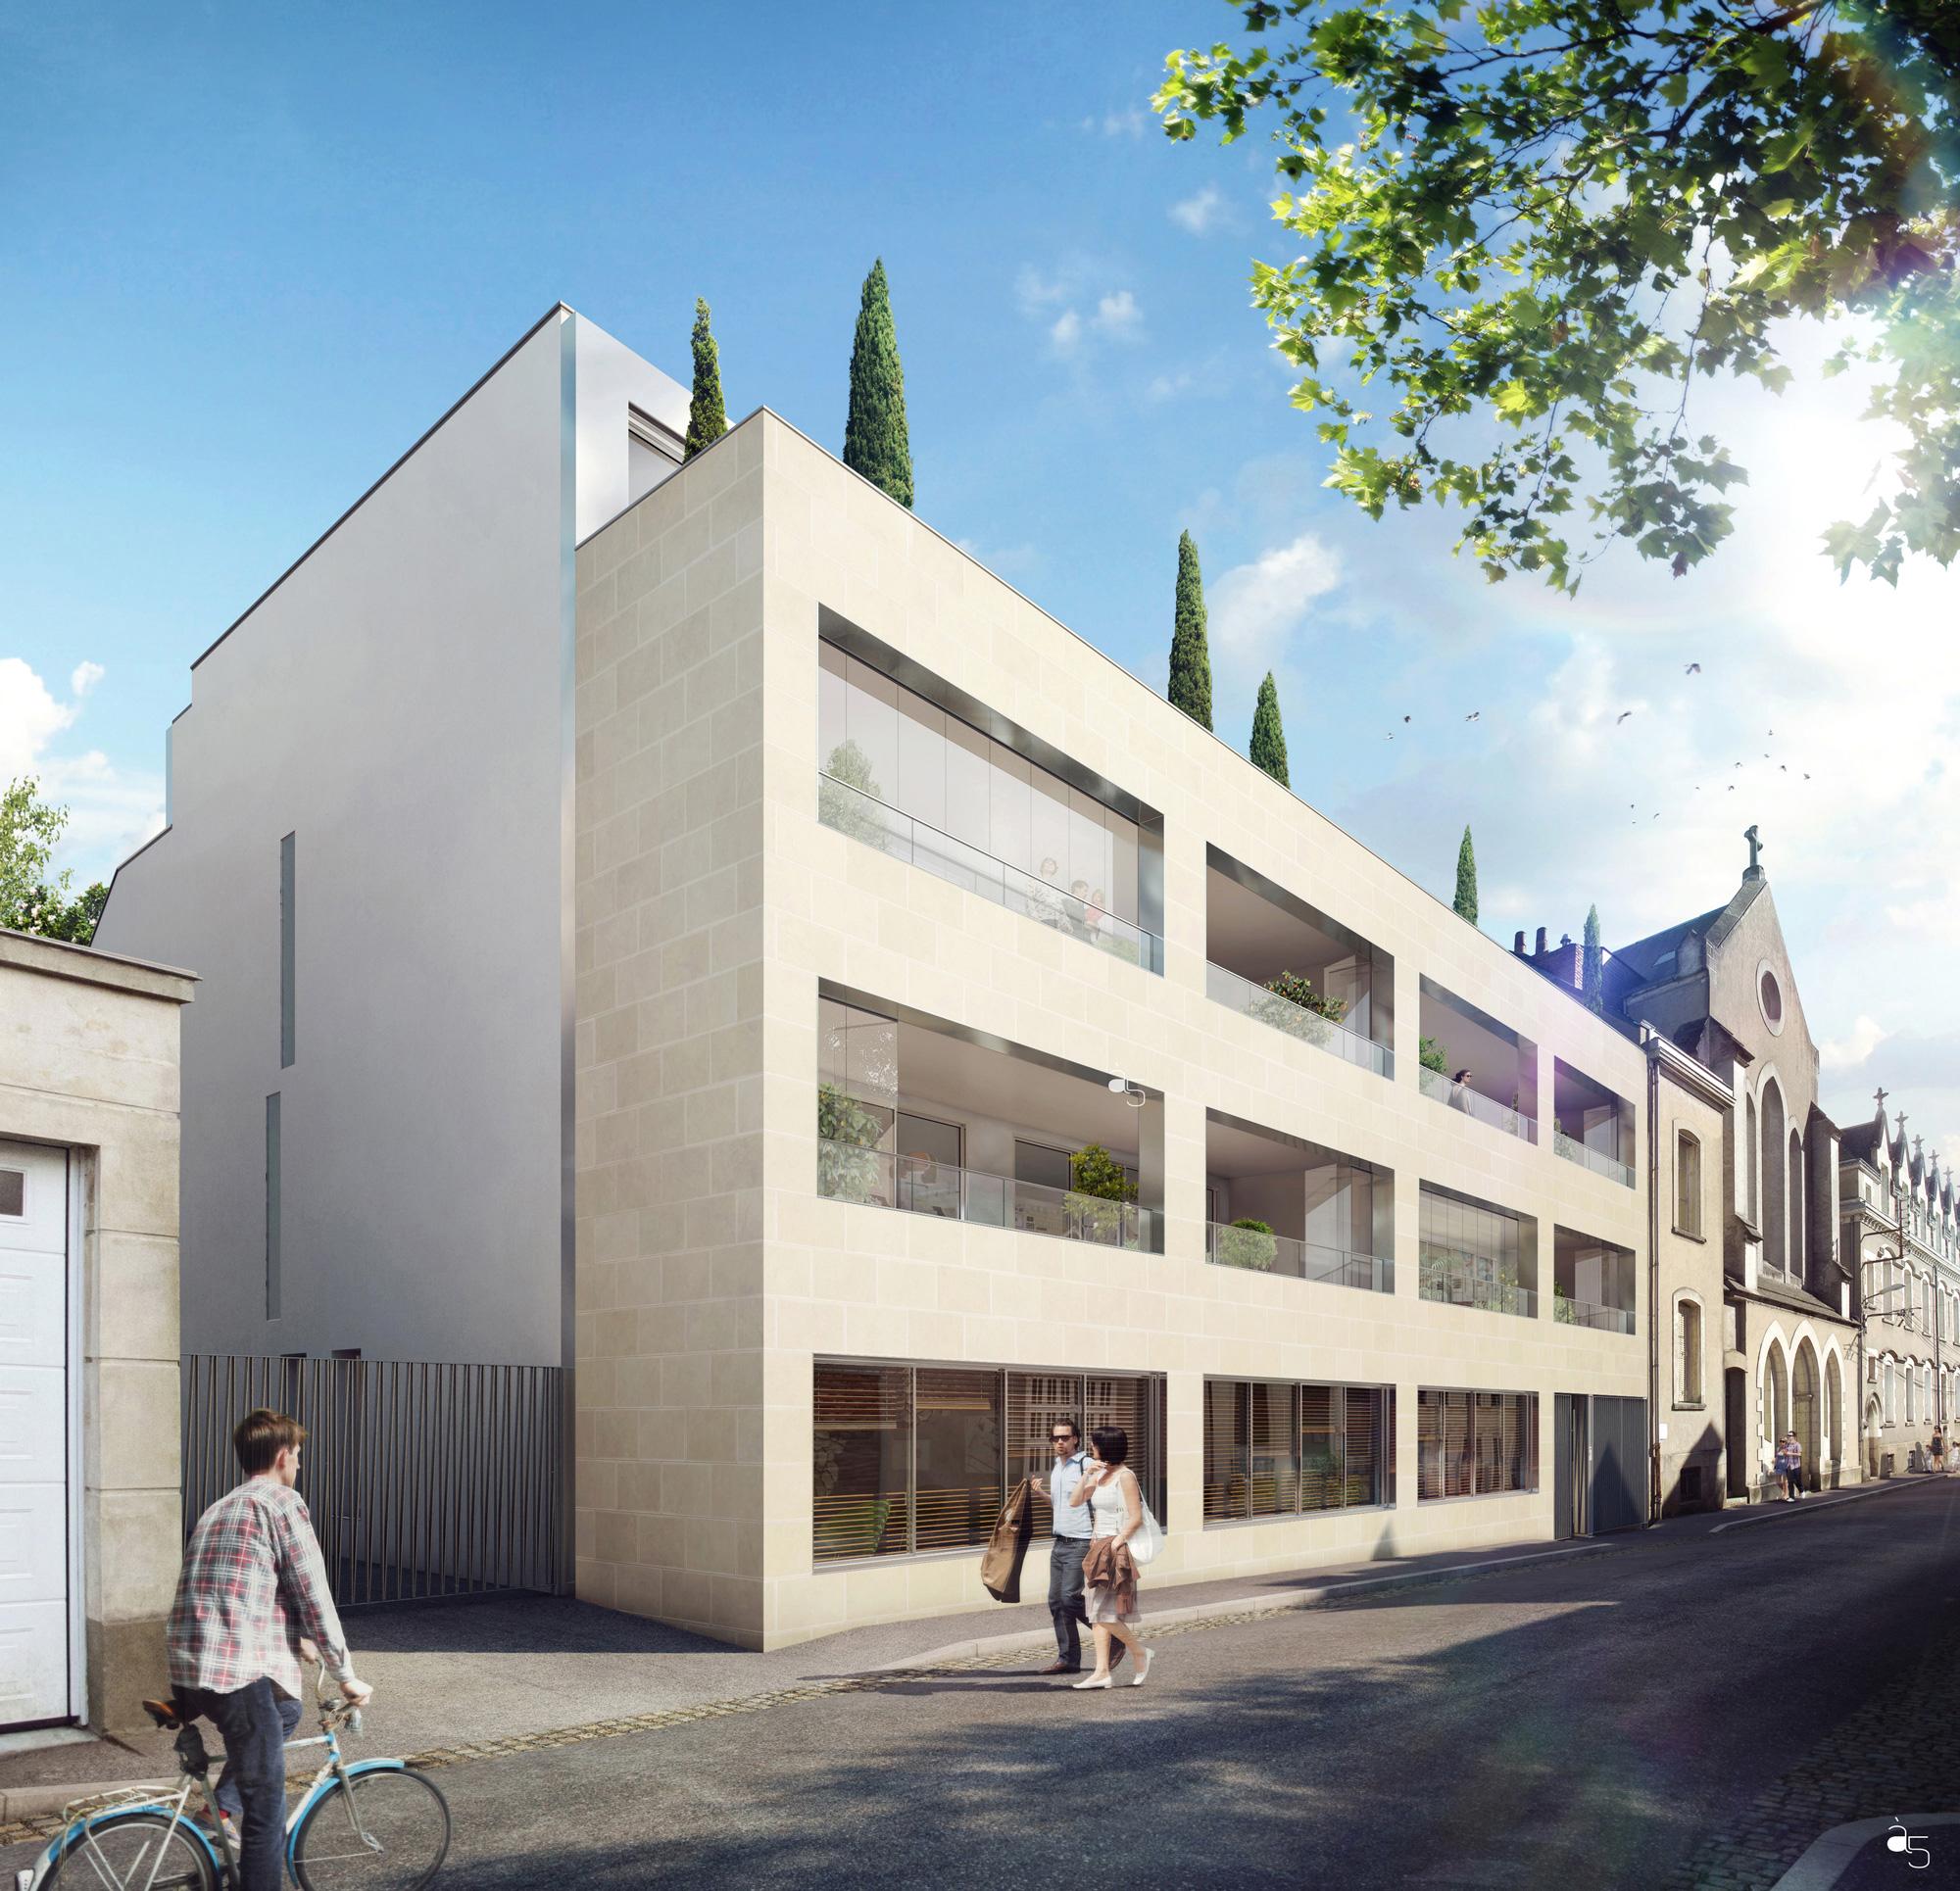 Le 10 Passage Louis Lévesque - Ville de Nantes 1